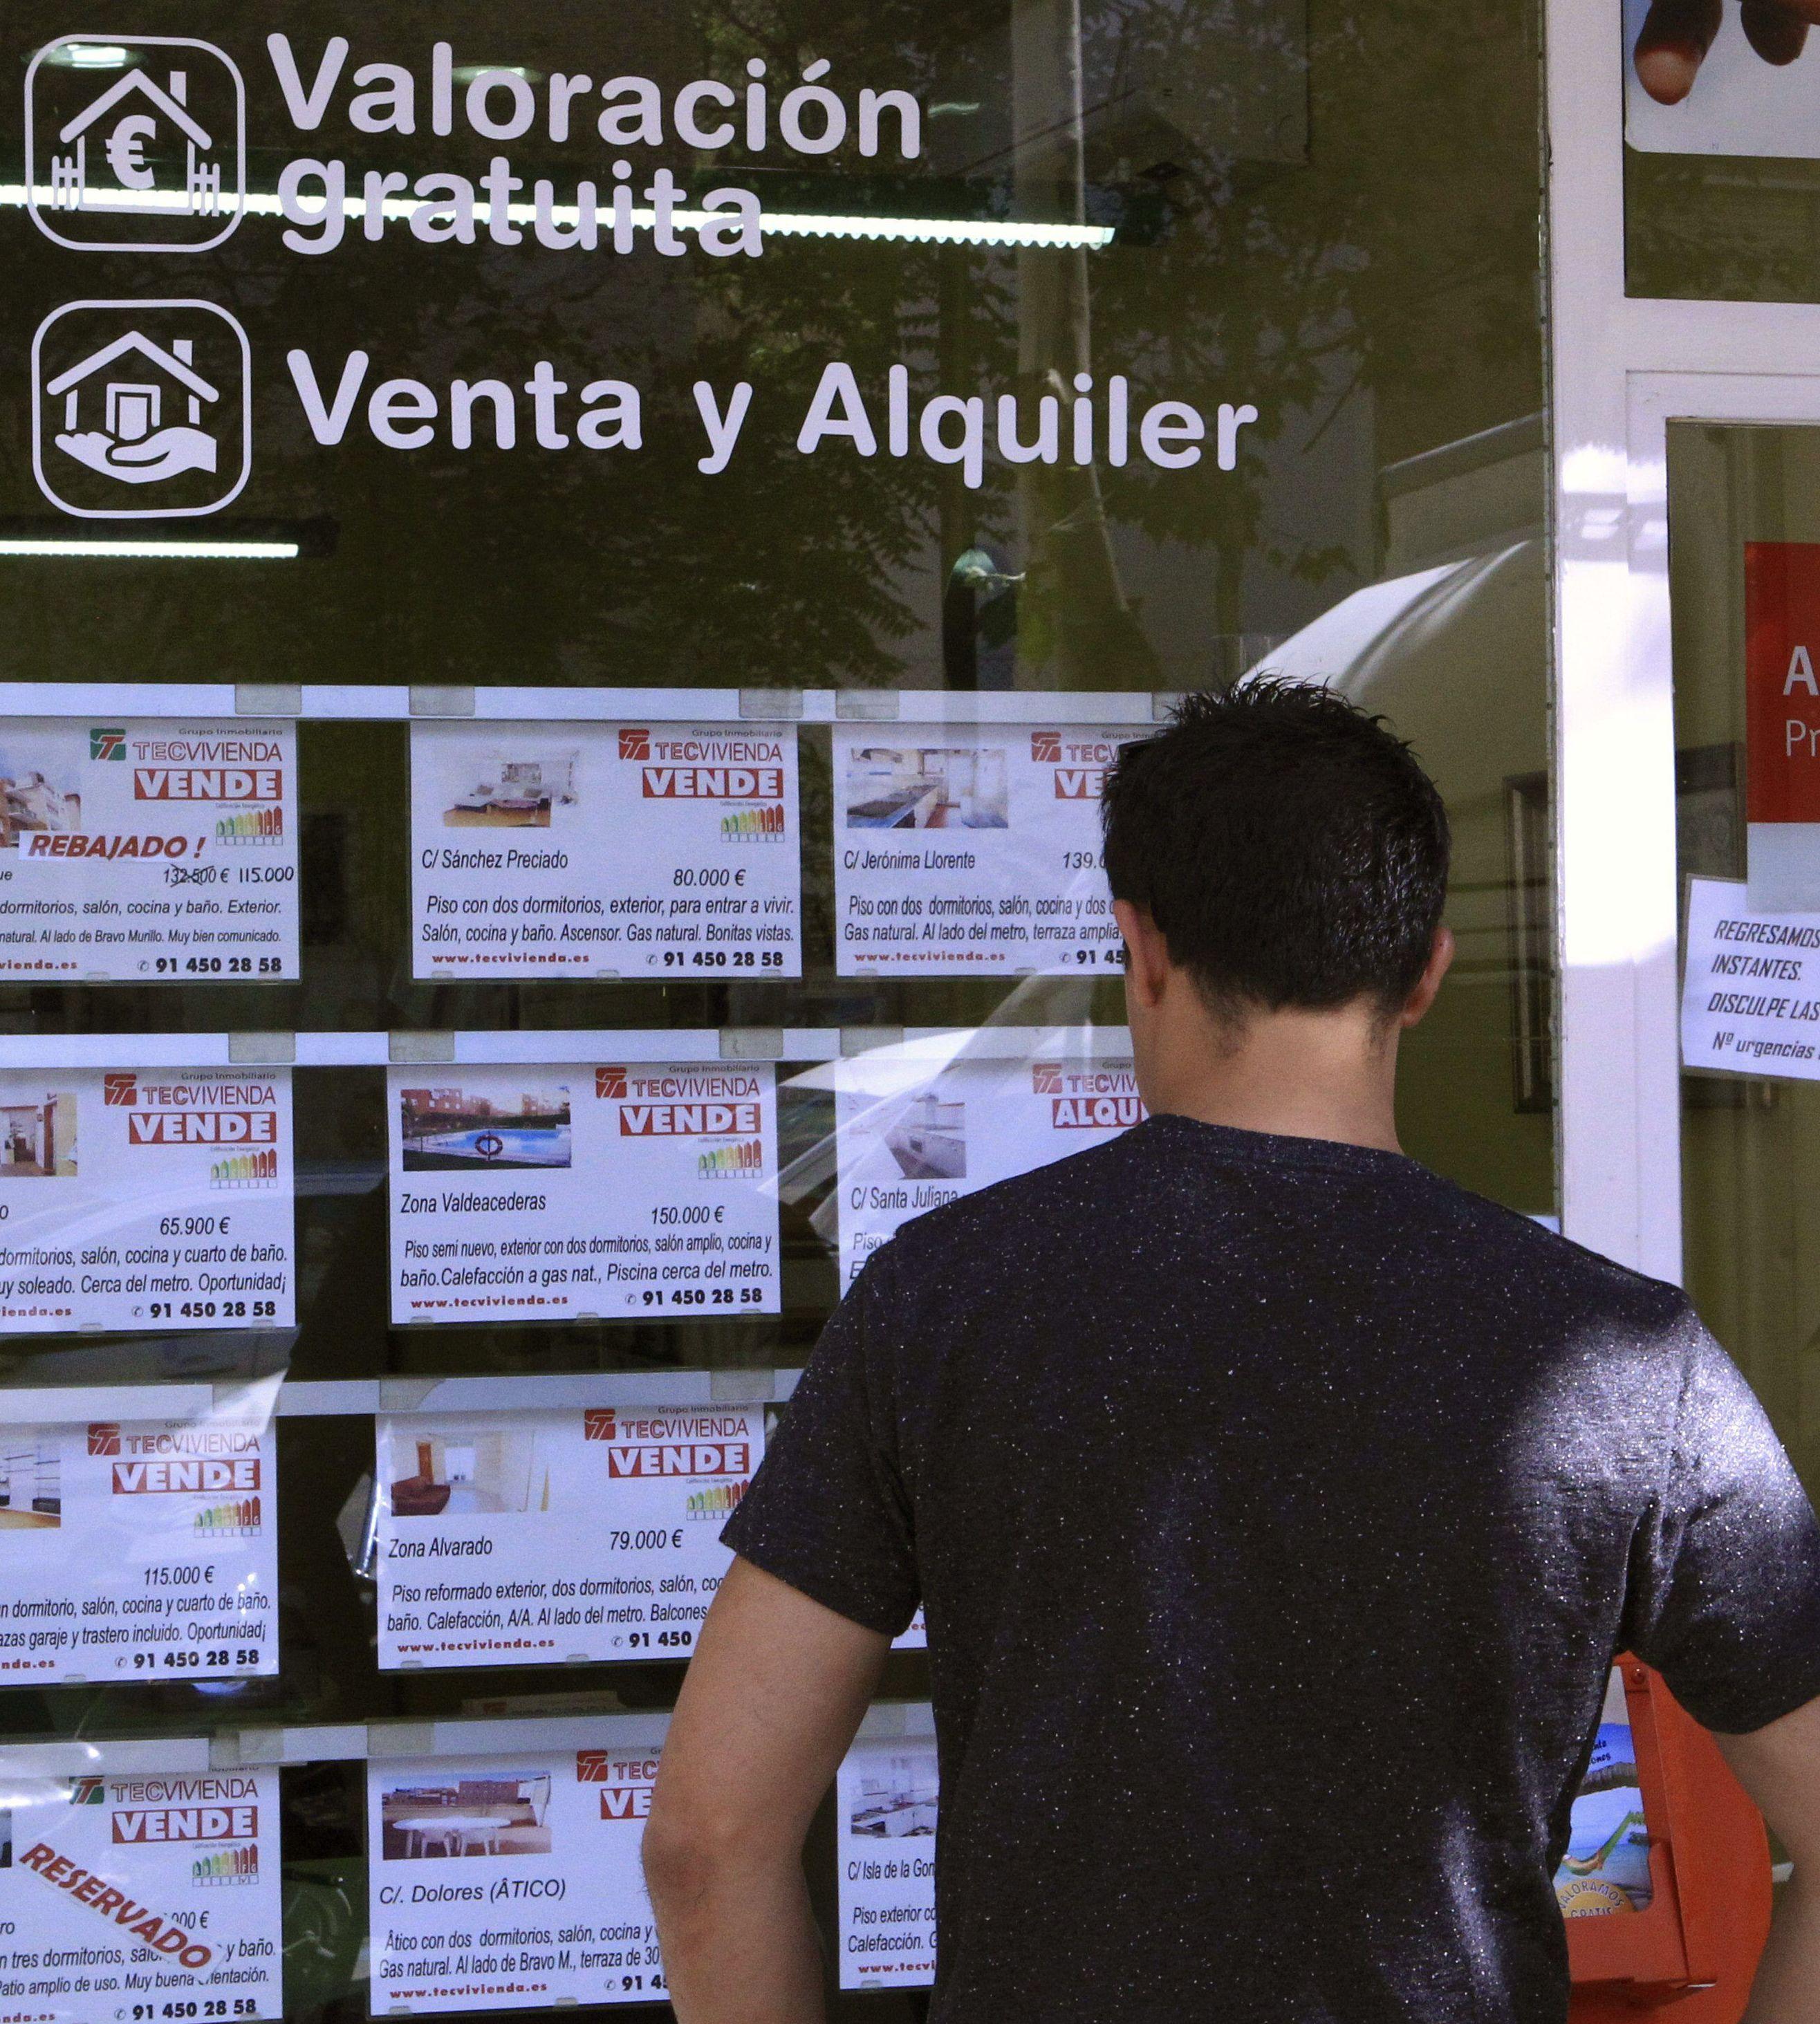 e193a03e0 Cómo está el precio del alquiler en España? - Republica.com